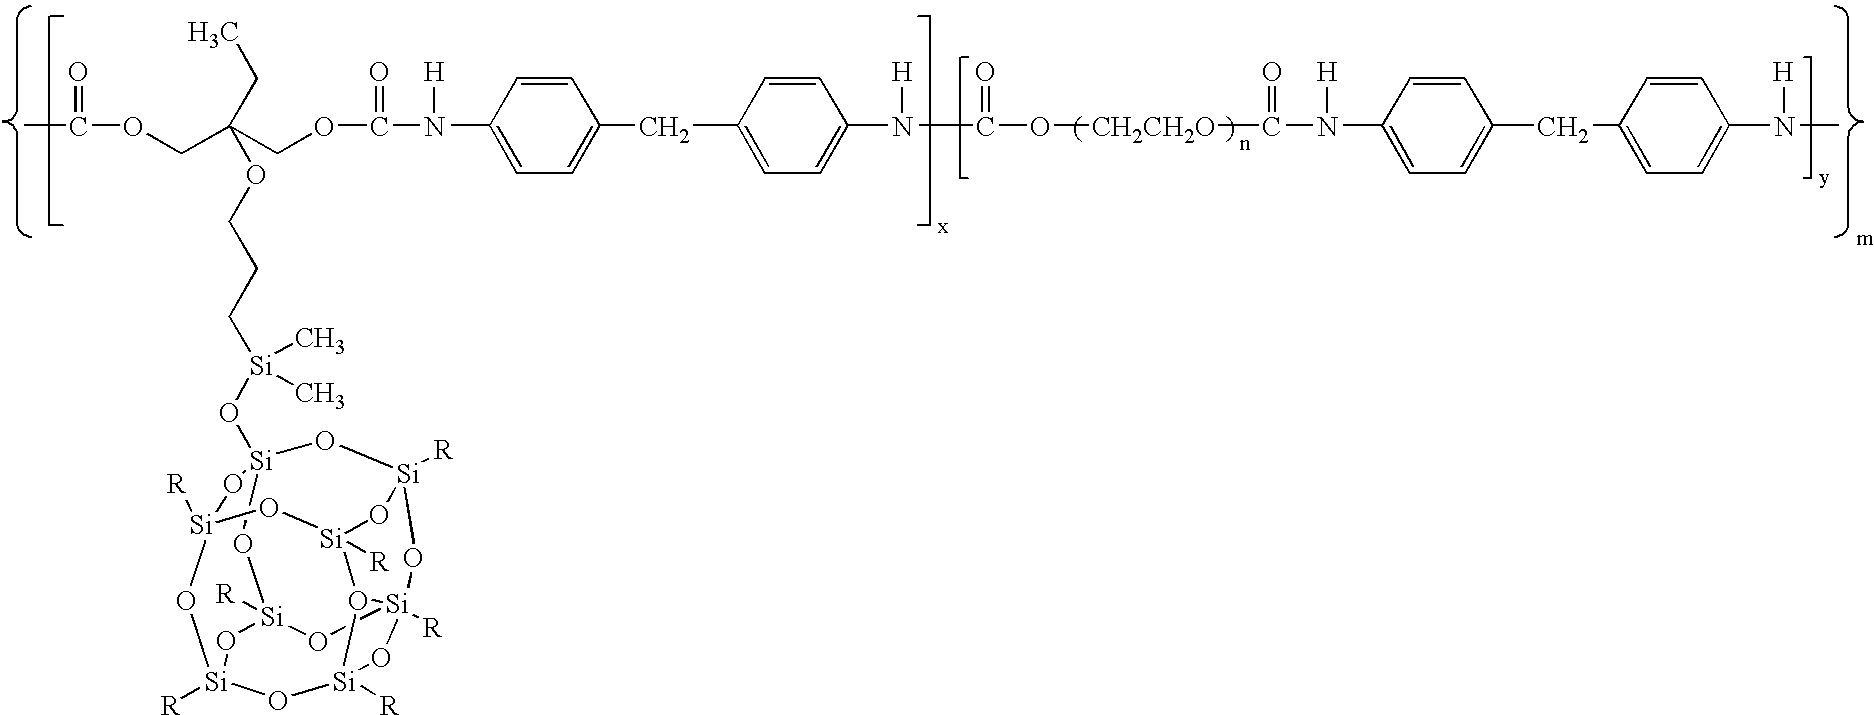 Figure US20050216074A1-20050929-C00004